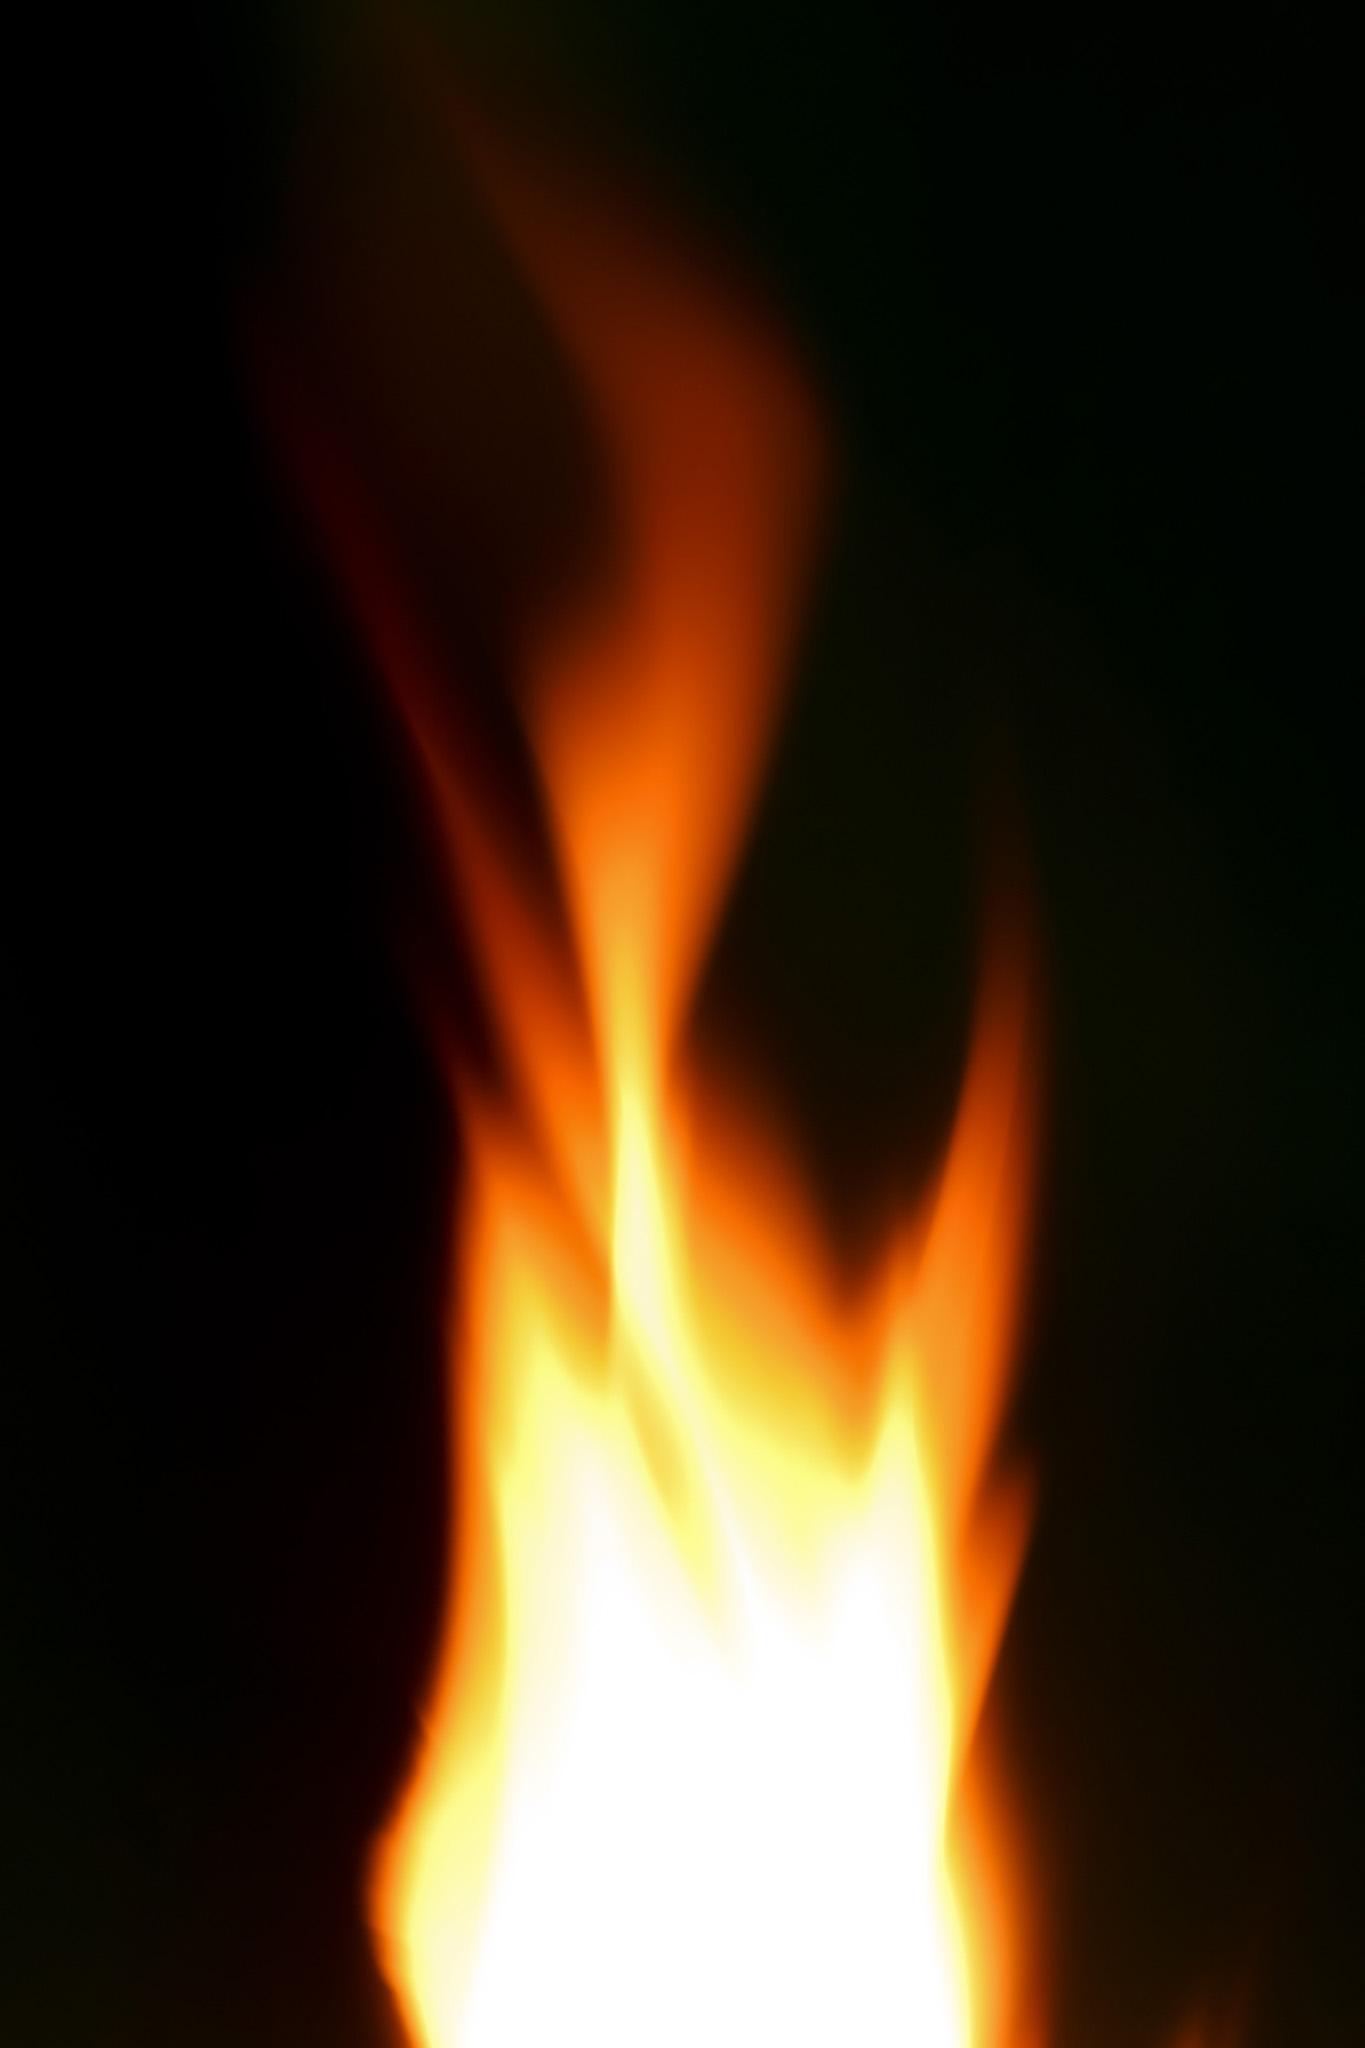 「暗闇に燃え上がる火柱」